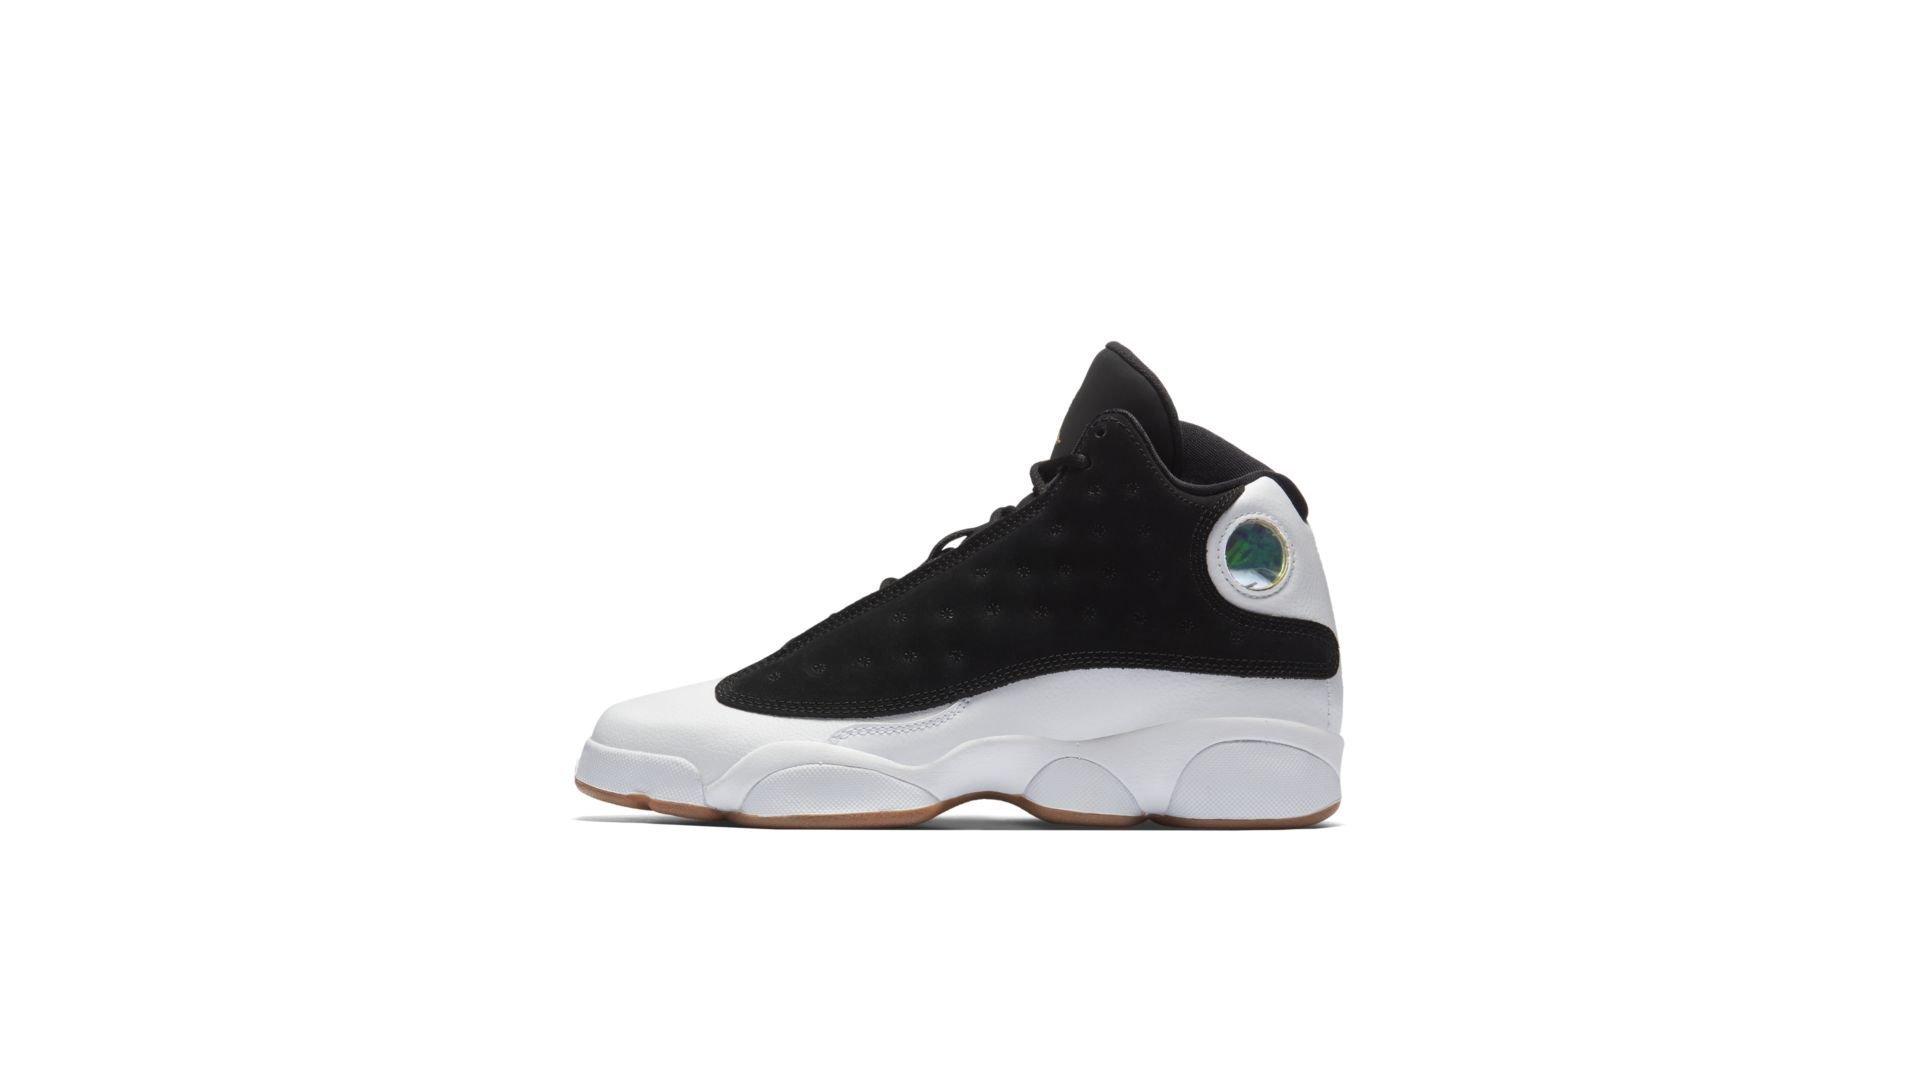 Jordan 13 Retro Black White Gum (GS) (439358-021)